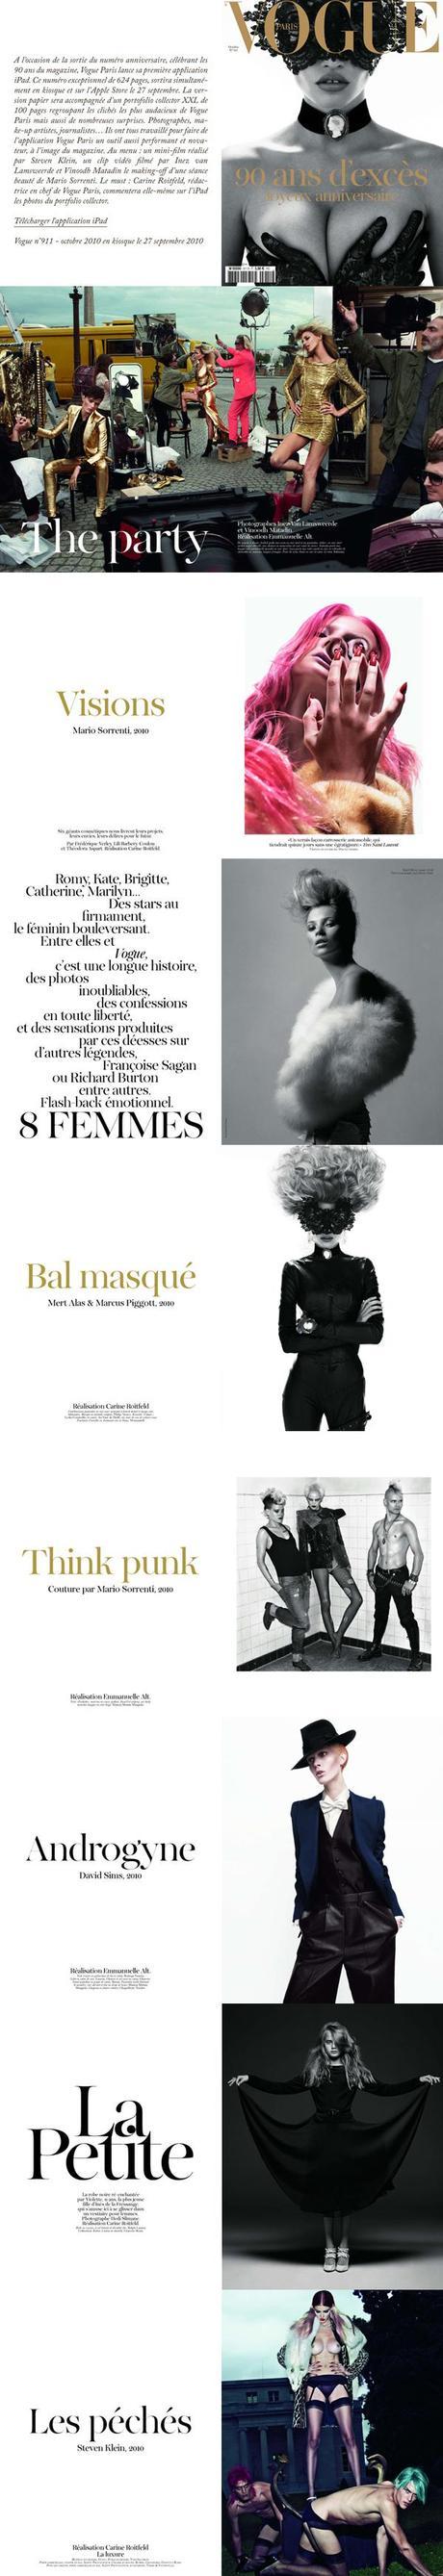 Happy B-Day 'Vogue' | 90 ans de Mode